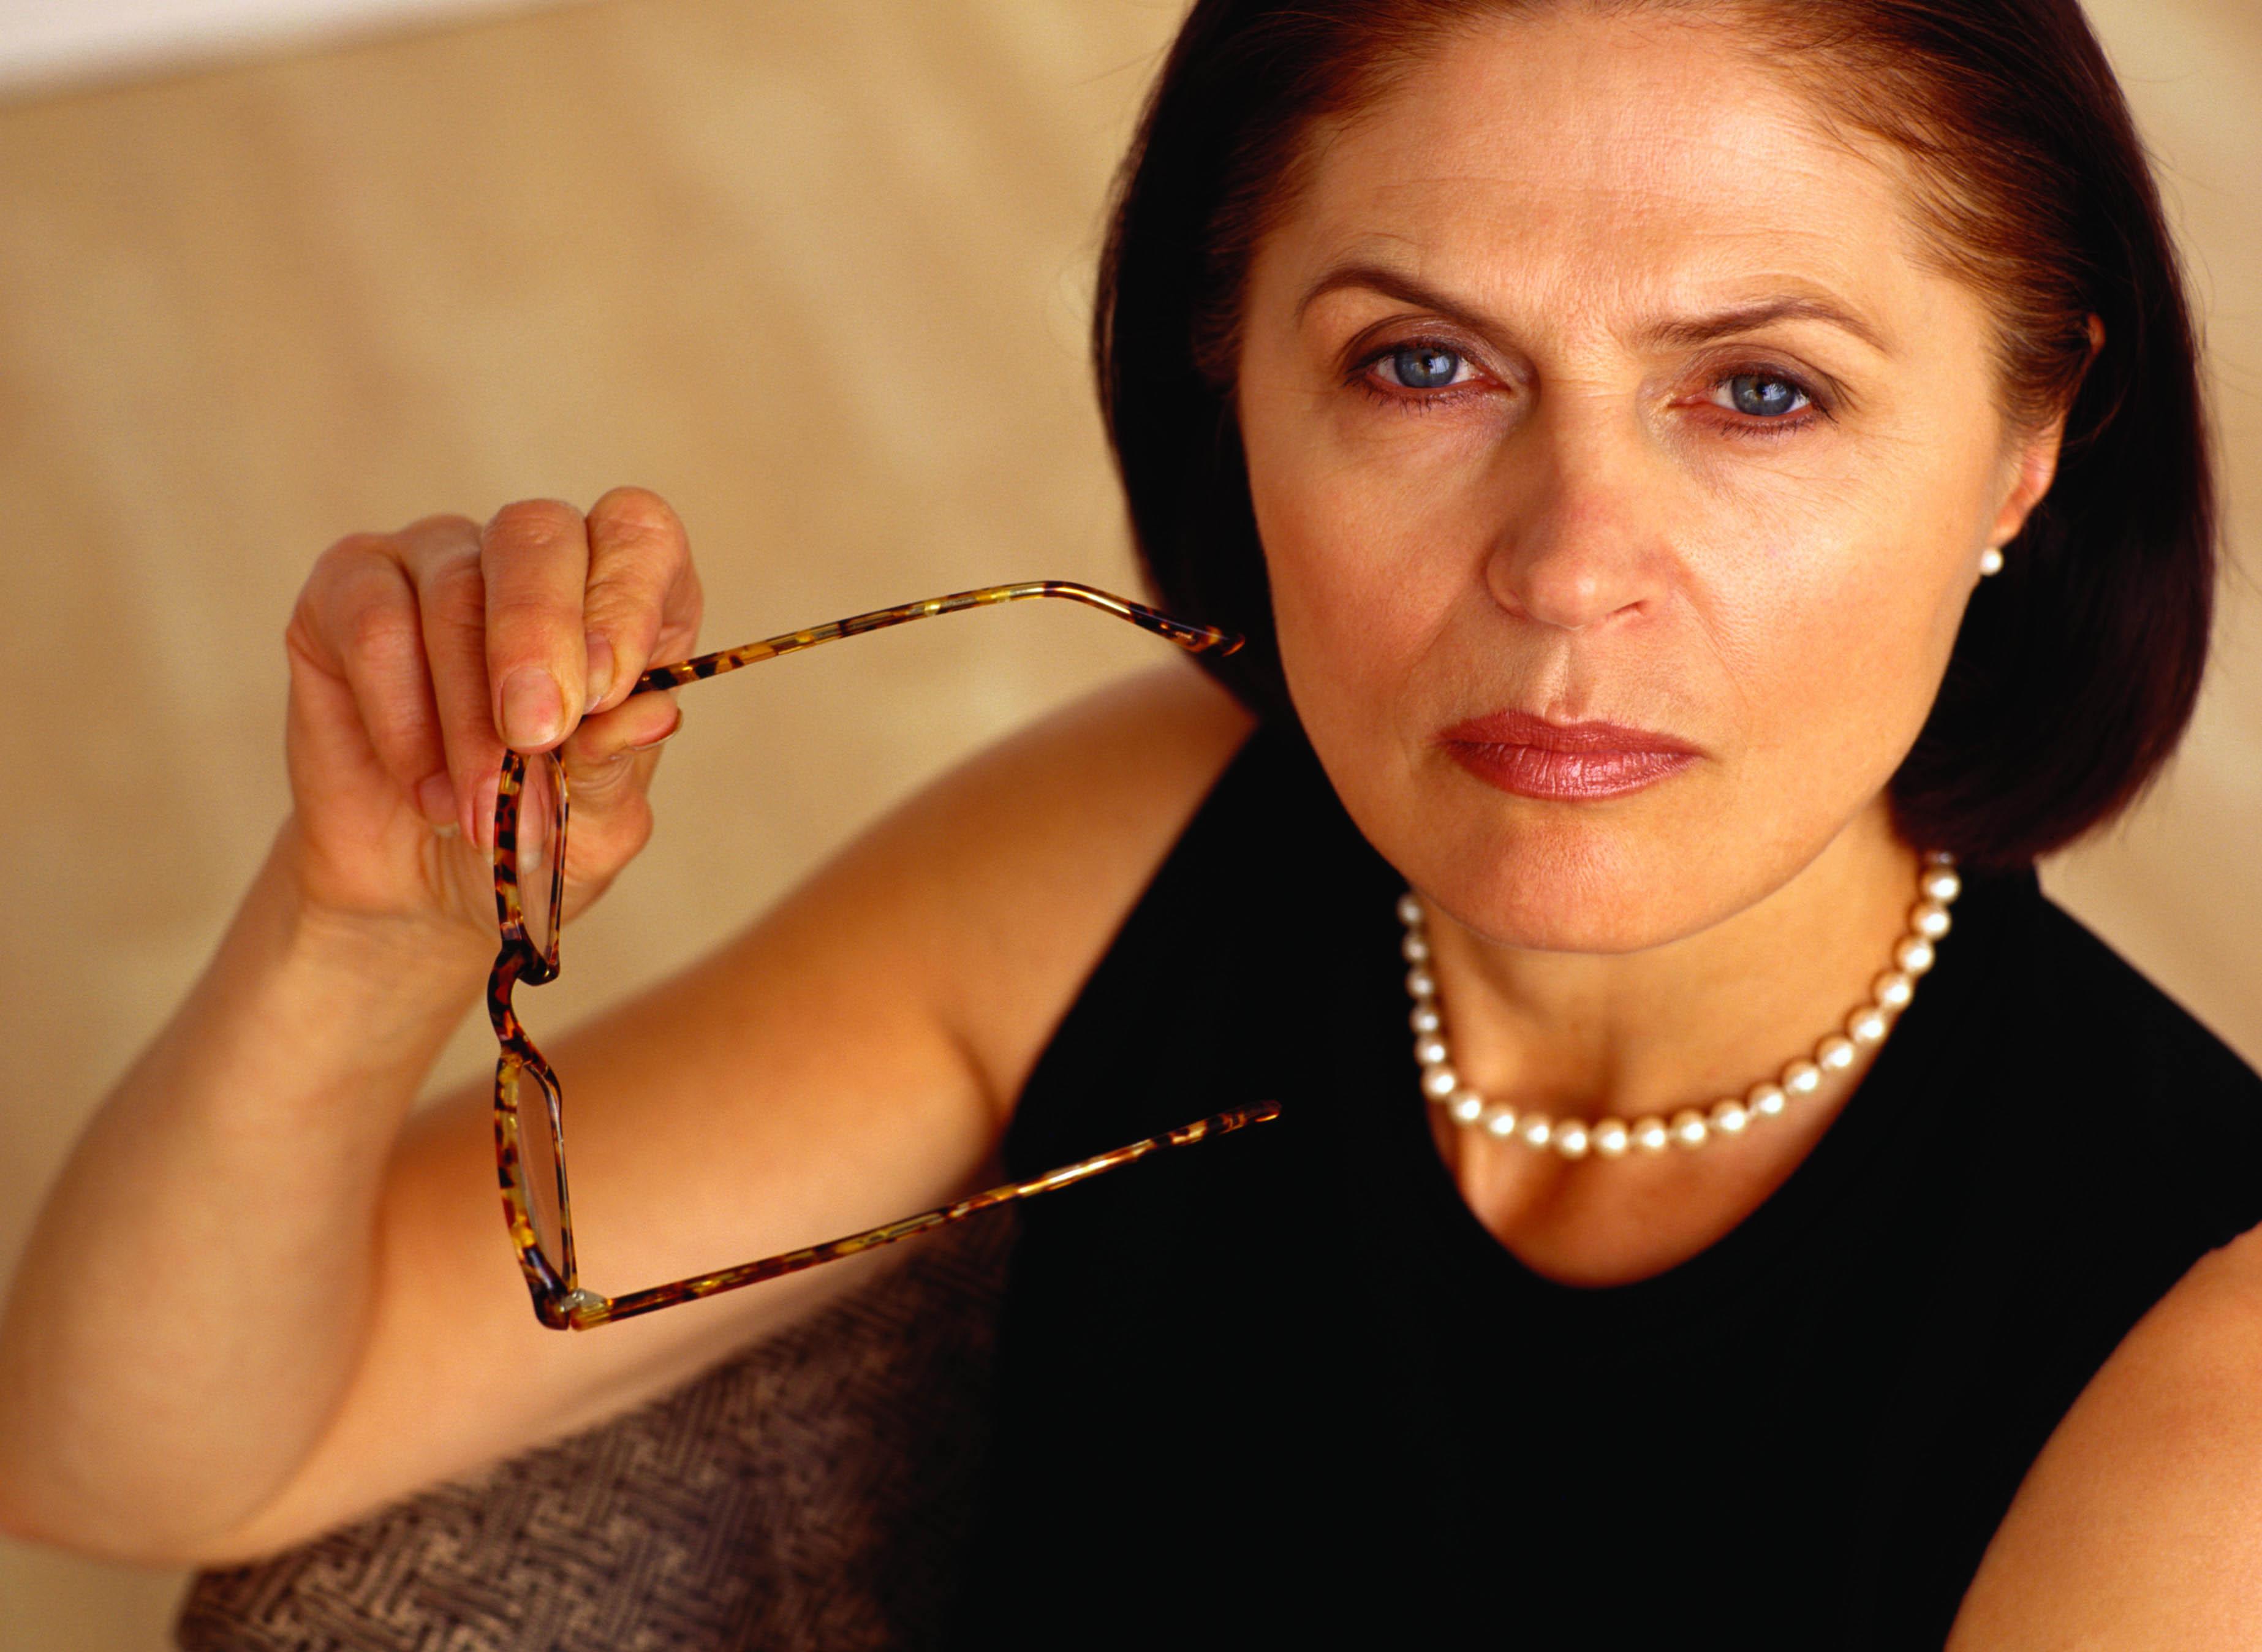 Фото женщина бальзаковского возраста